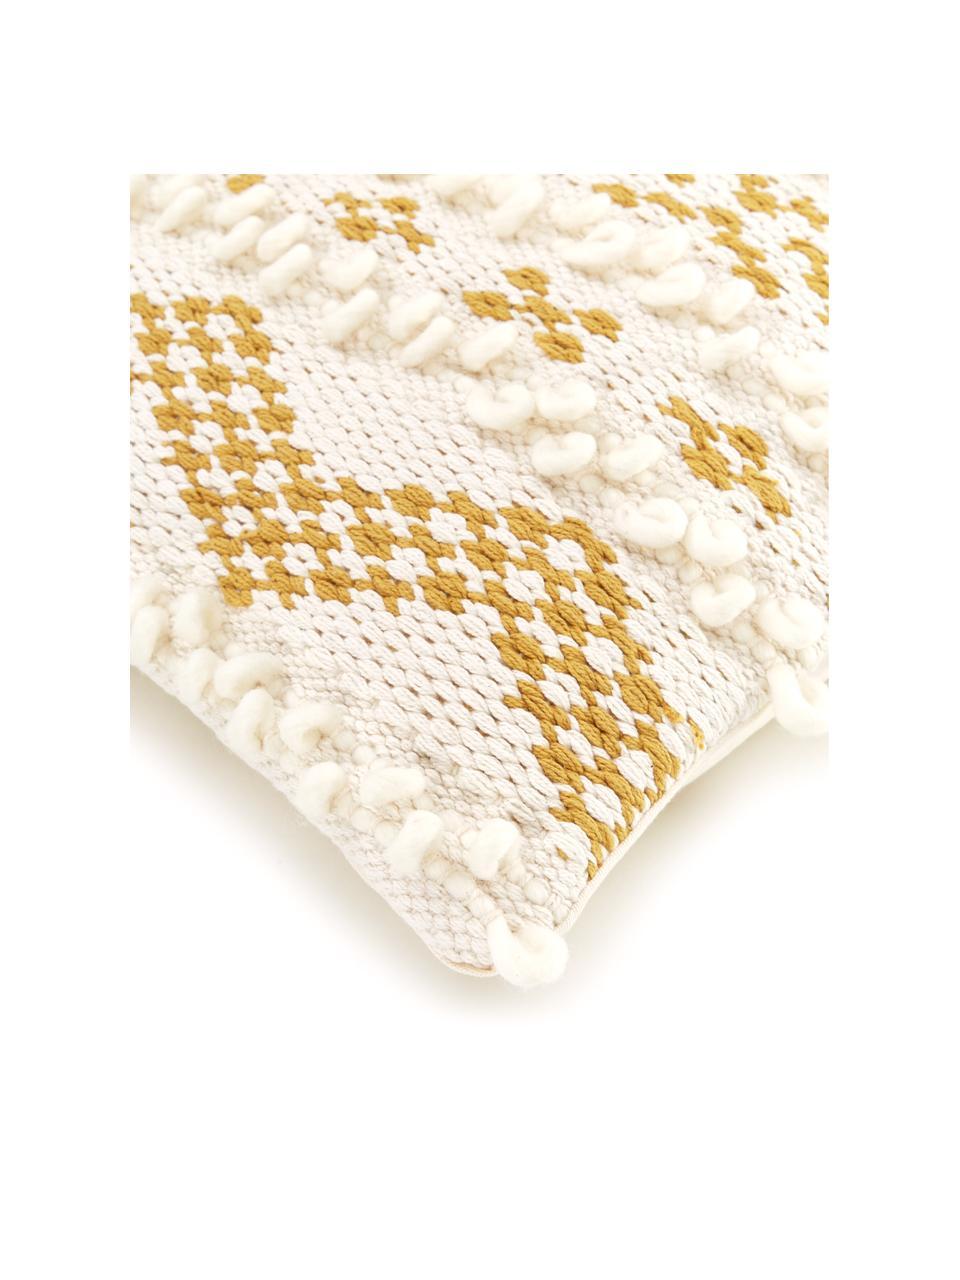 Boho kussenhoes Paco met decoratie, 80% katoen, 20% wol, Wit, geel, 45 x 45 cm